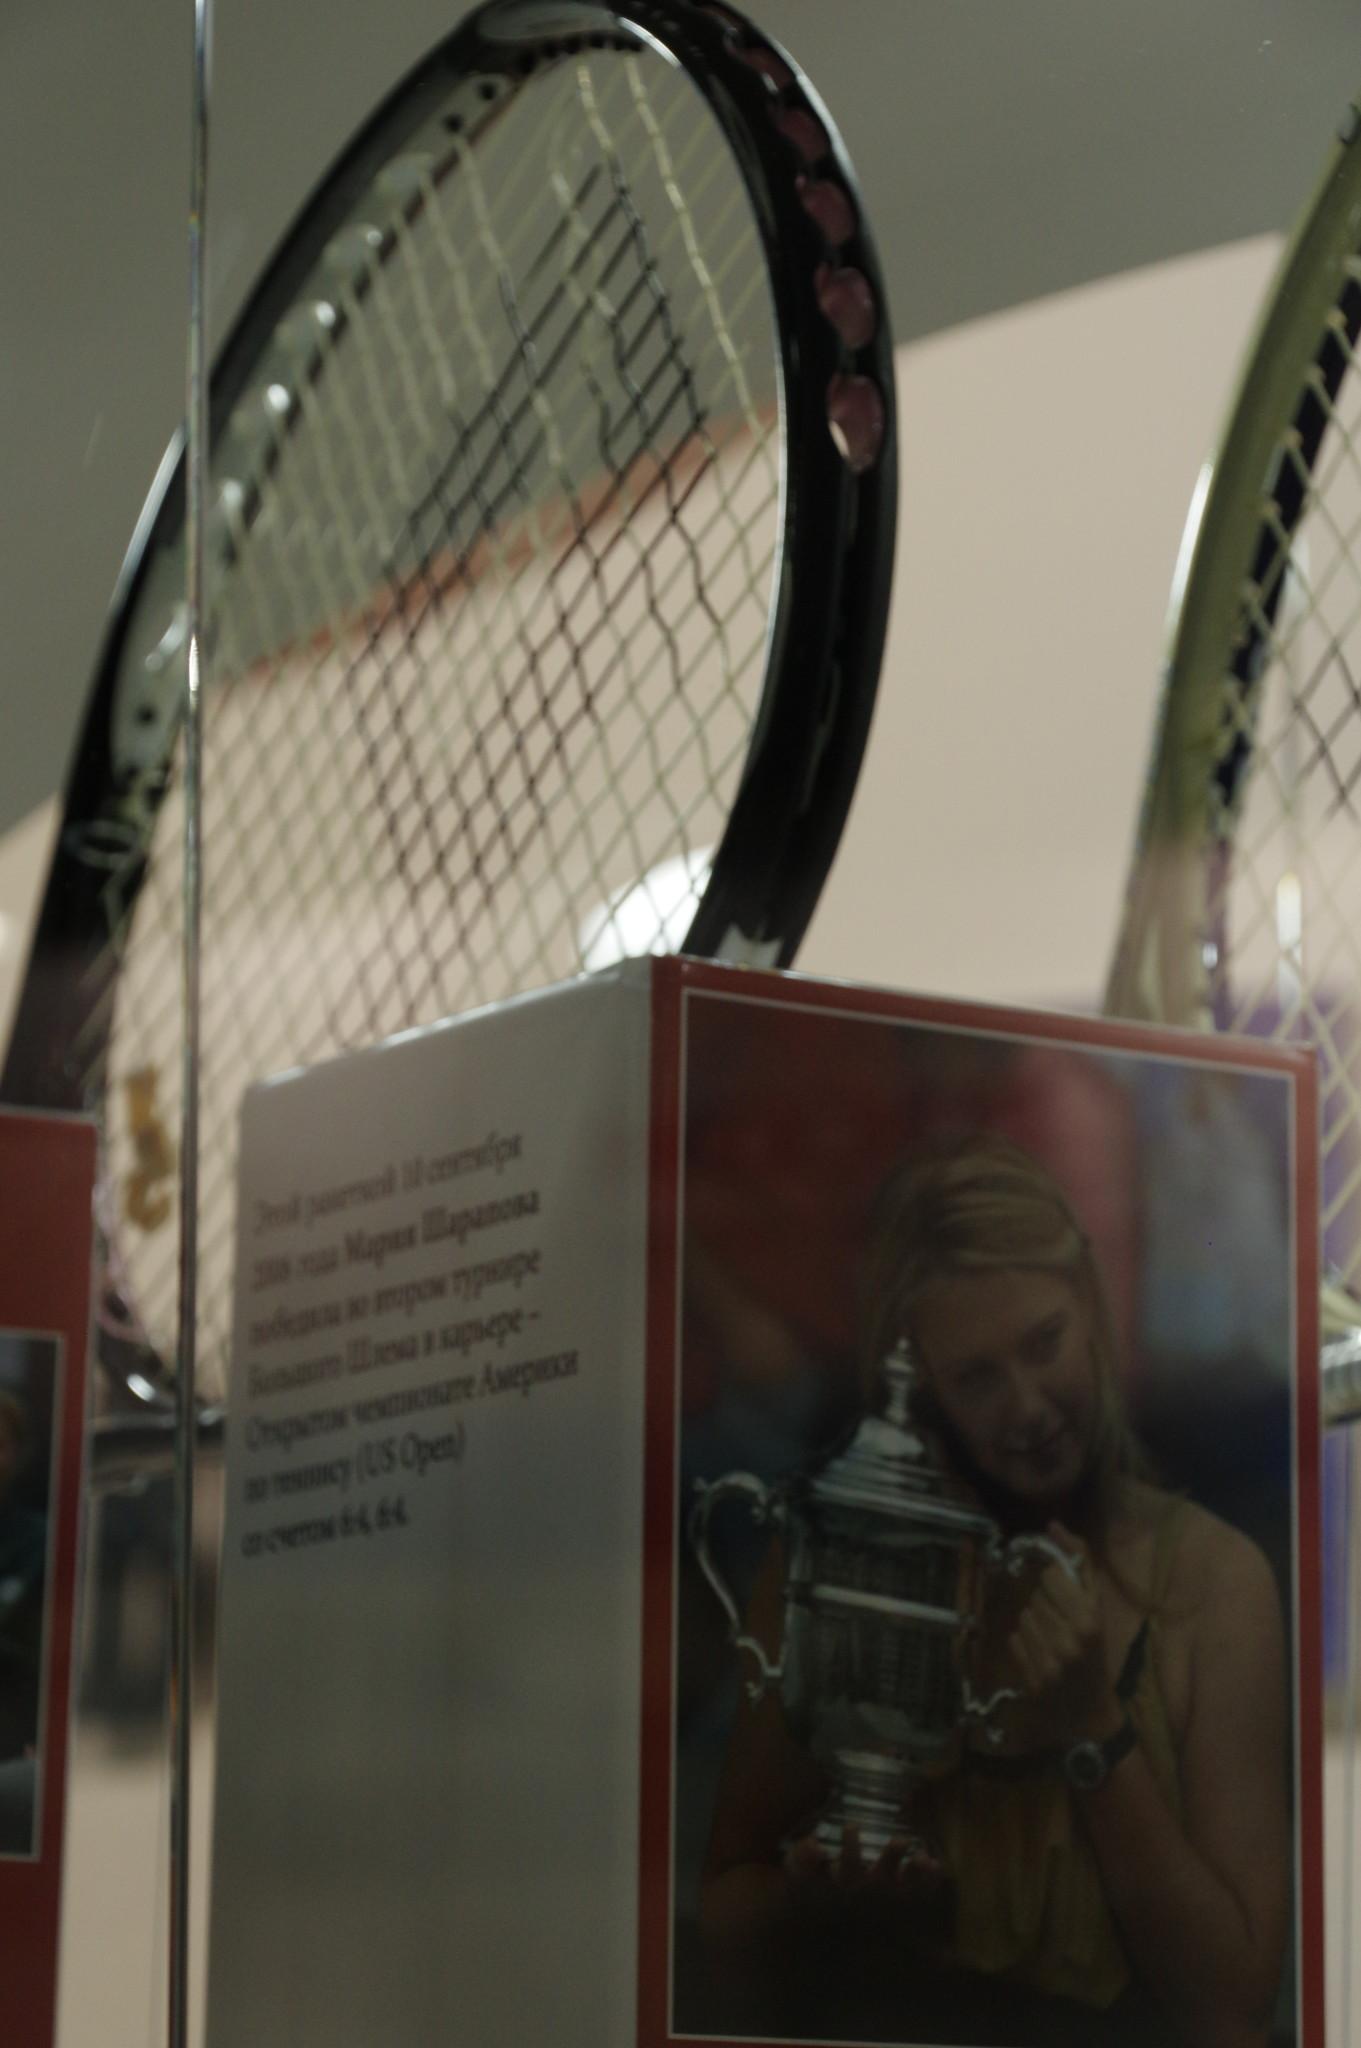 10 сентября 2006 года Мария Шарапова победила в Открытом чемпионате Америки по теннису (US Open)